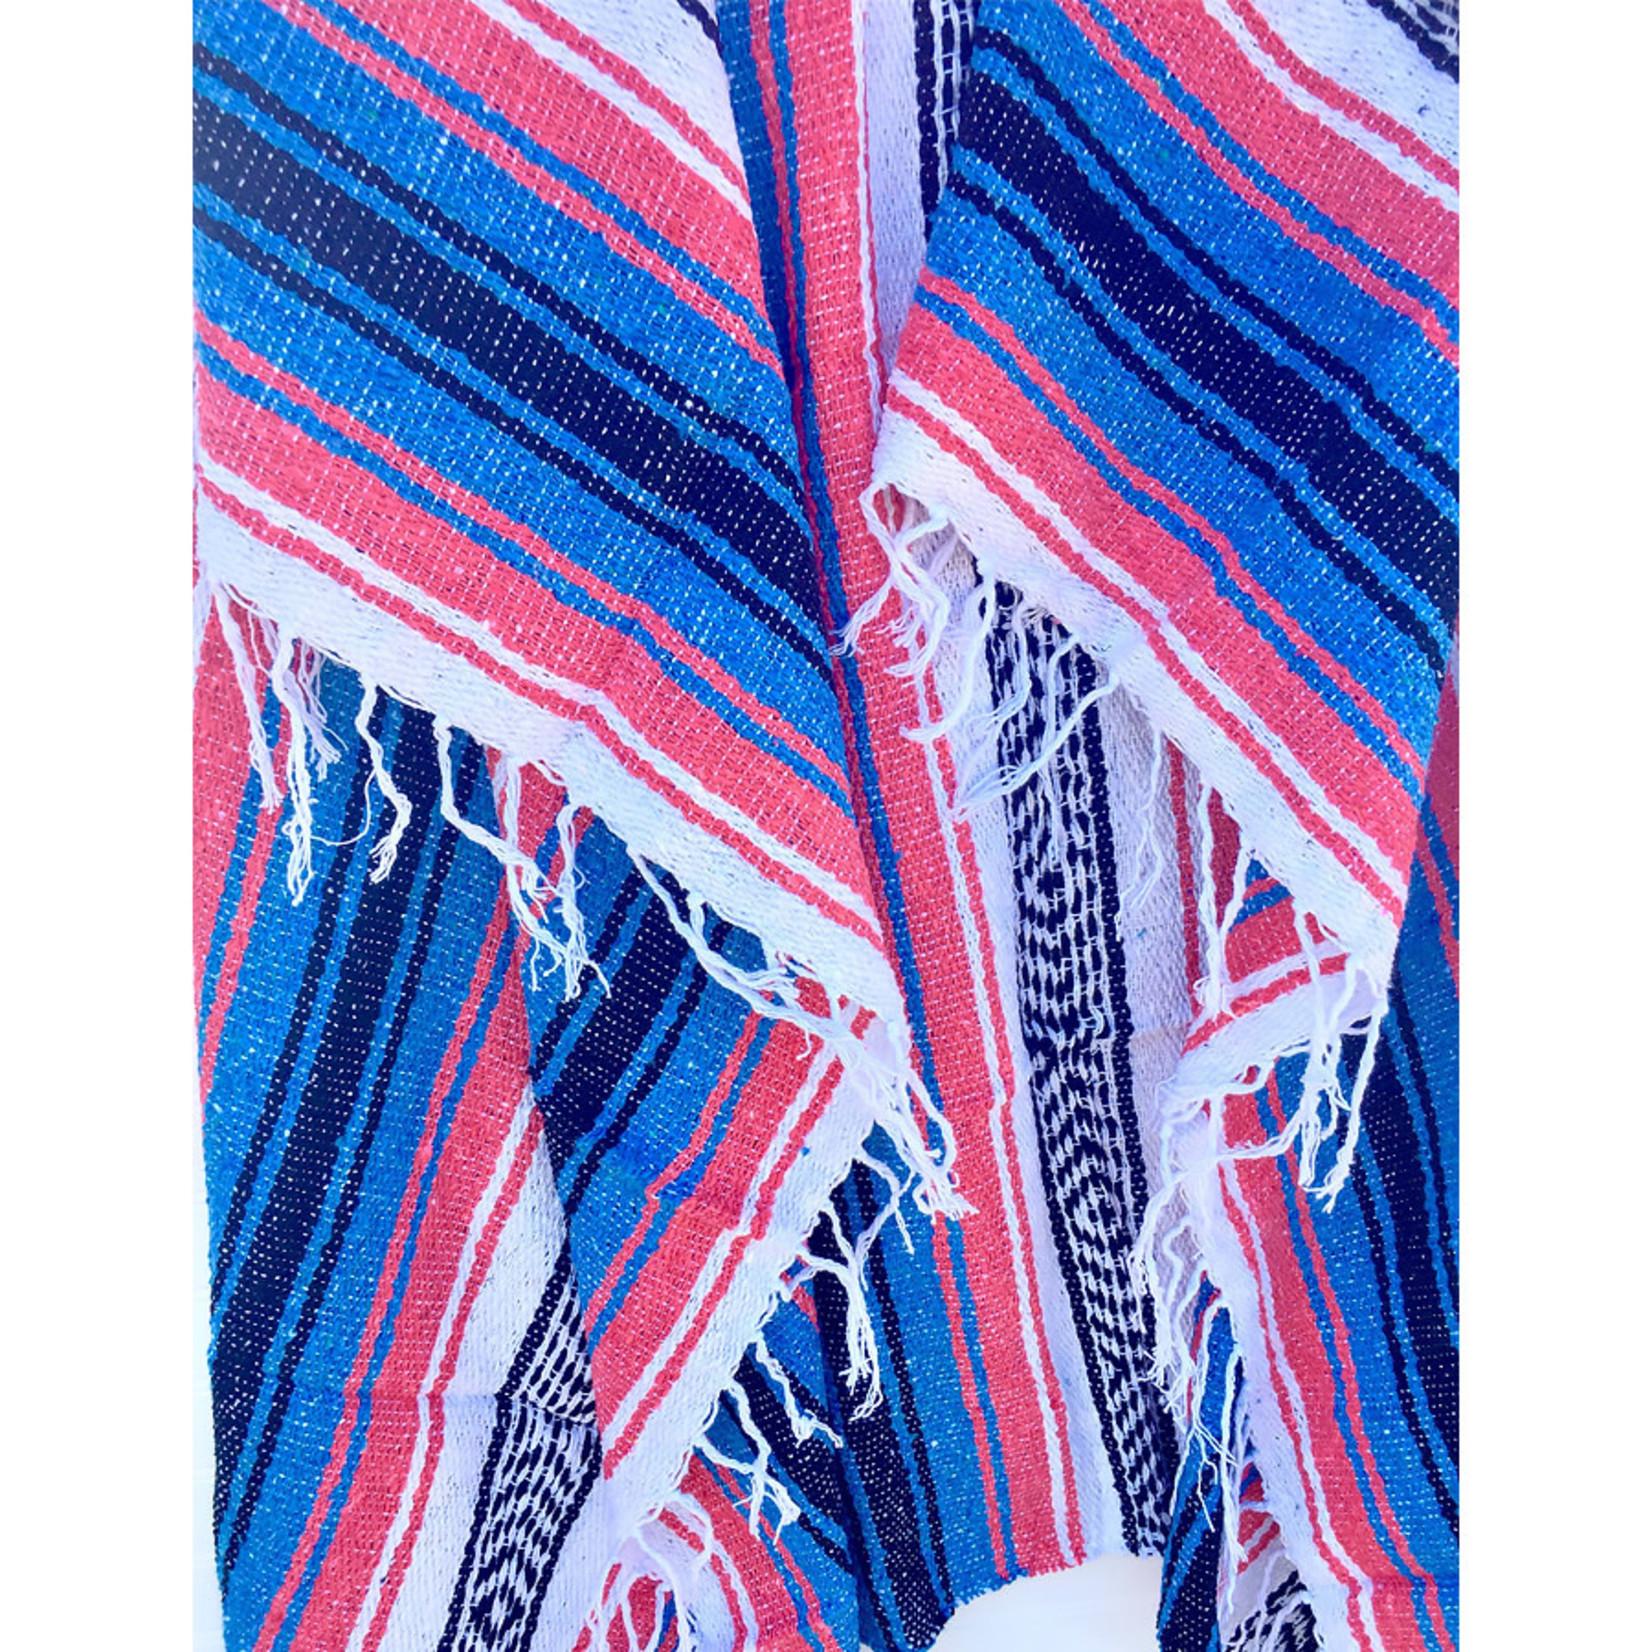 Sea Gypsy California Beach Blanket